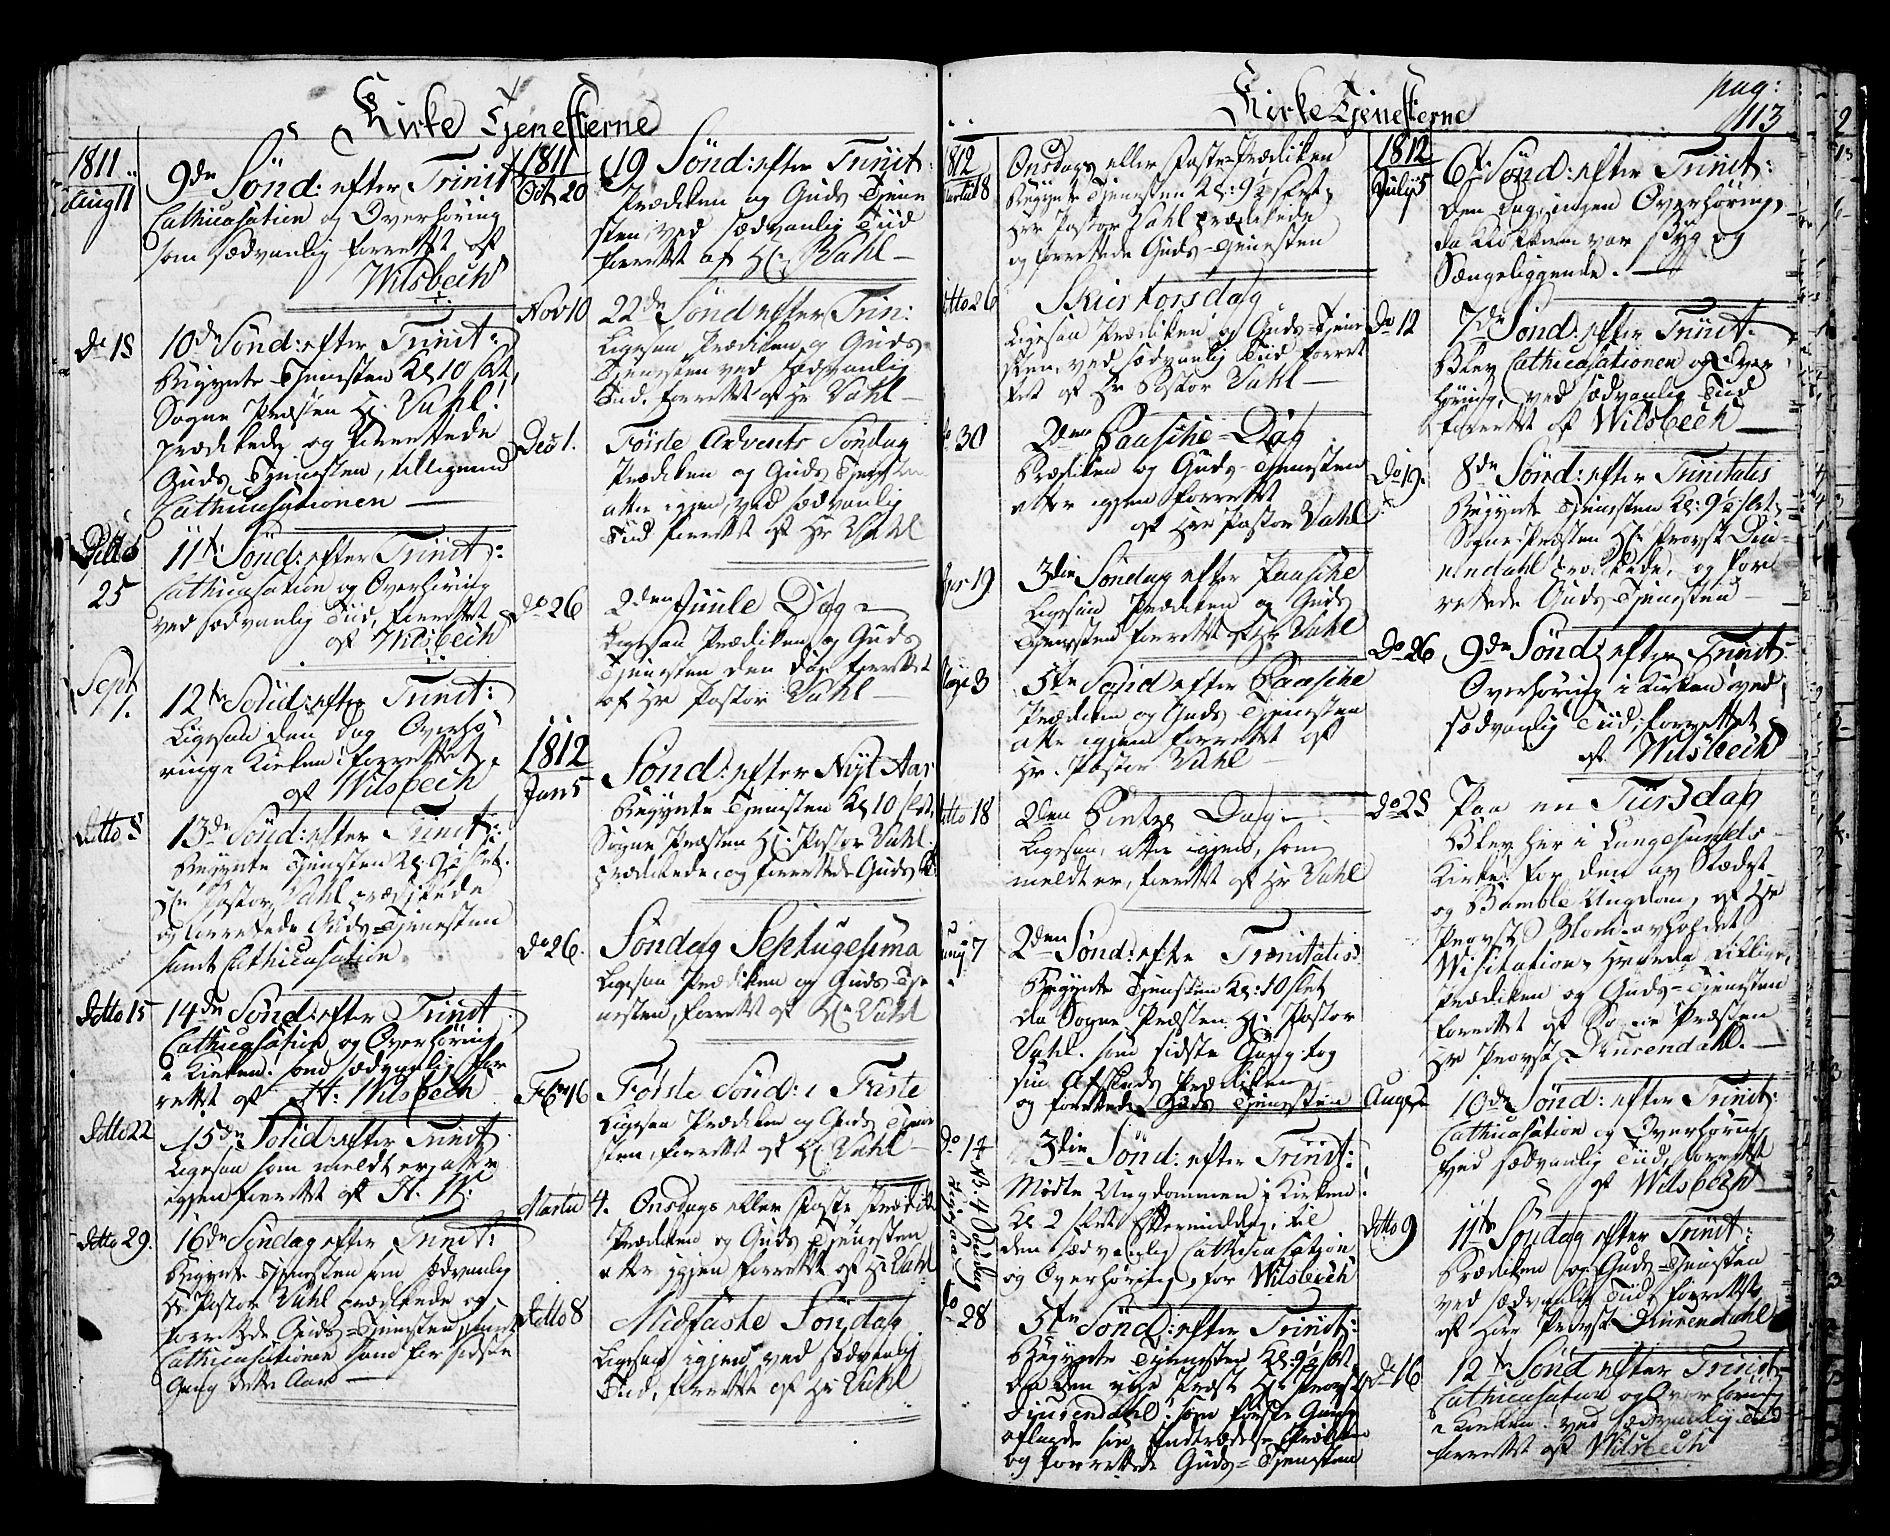 SAKO, Langesund kirkebøker, G/Ga/L0002: Klokkerbok nr. 2, 1801-1815, s. 113